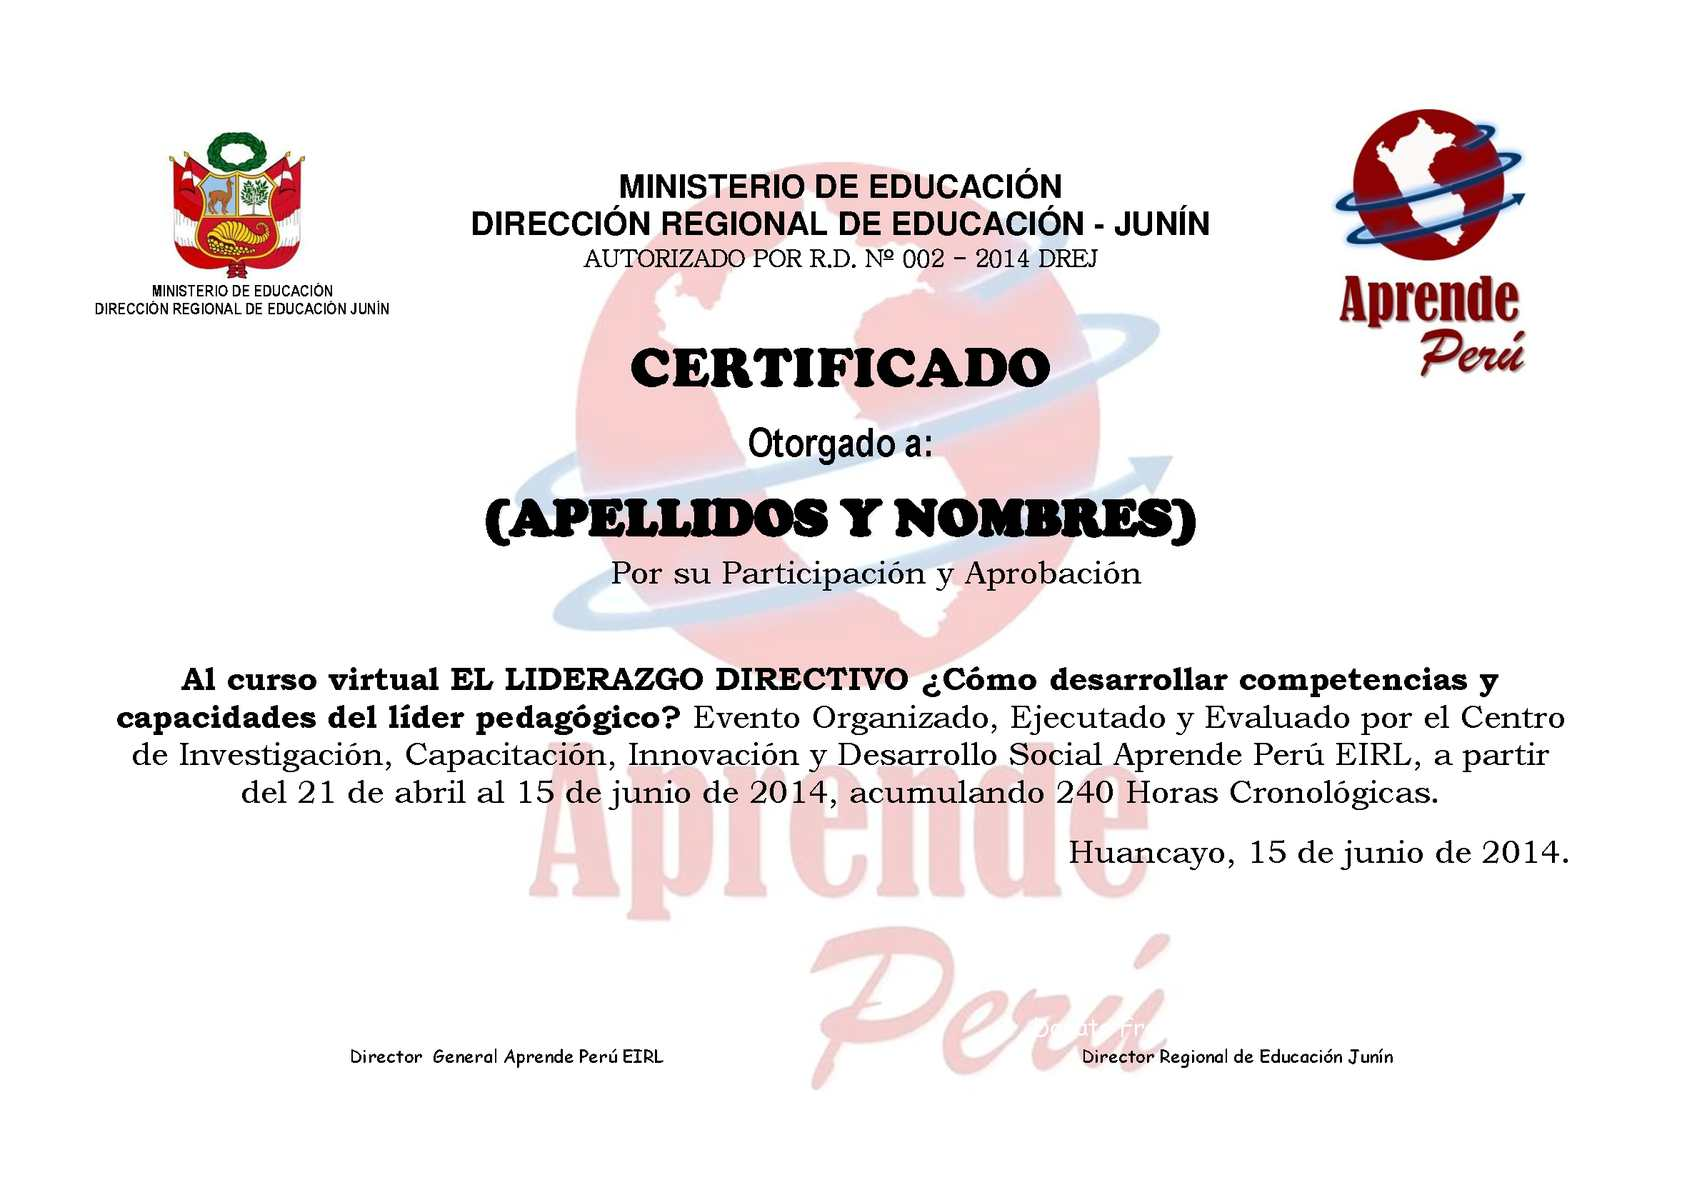 Amado Calaméo - Modelo de Certificado APRENDE PERÚ EIRL IT63